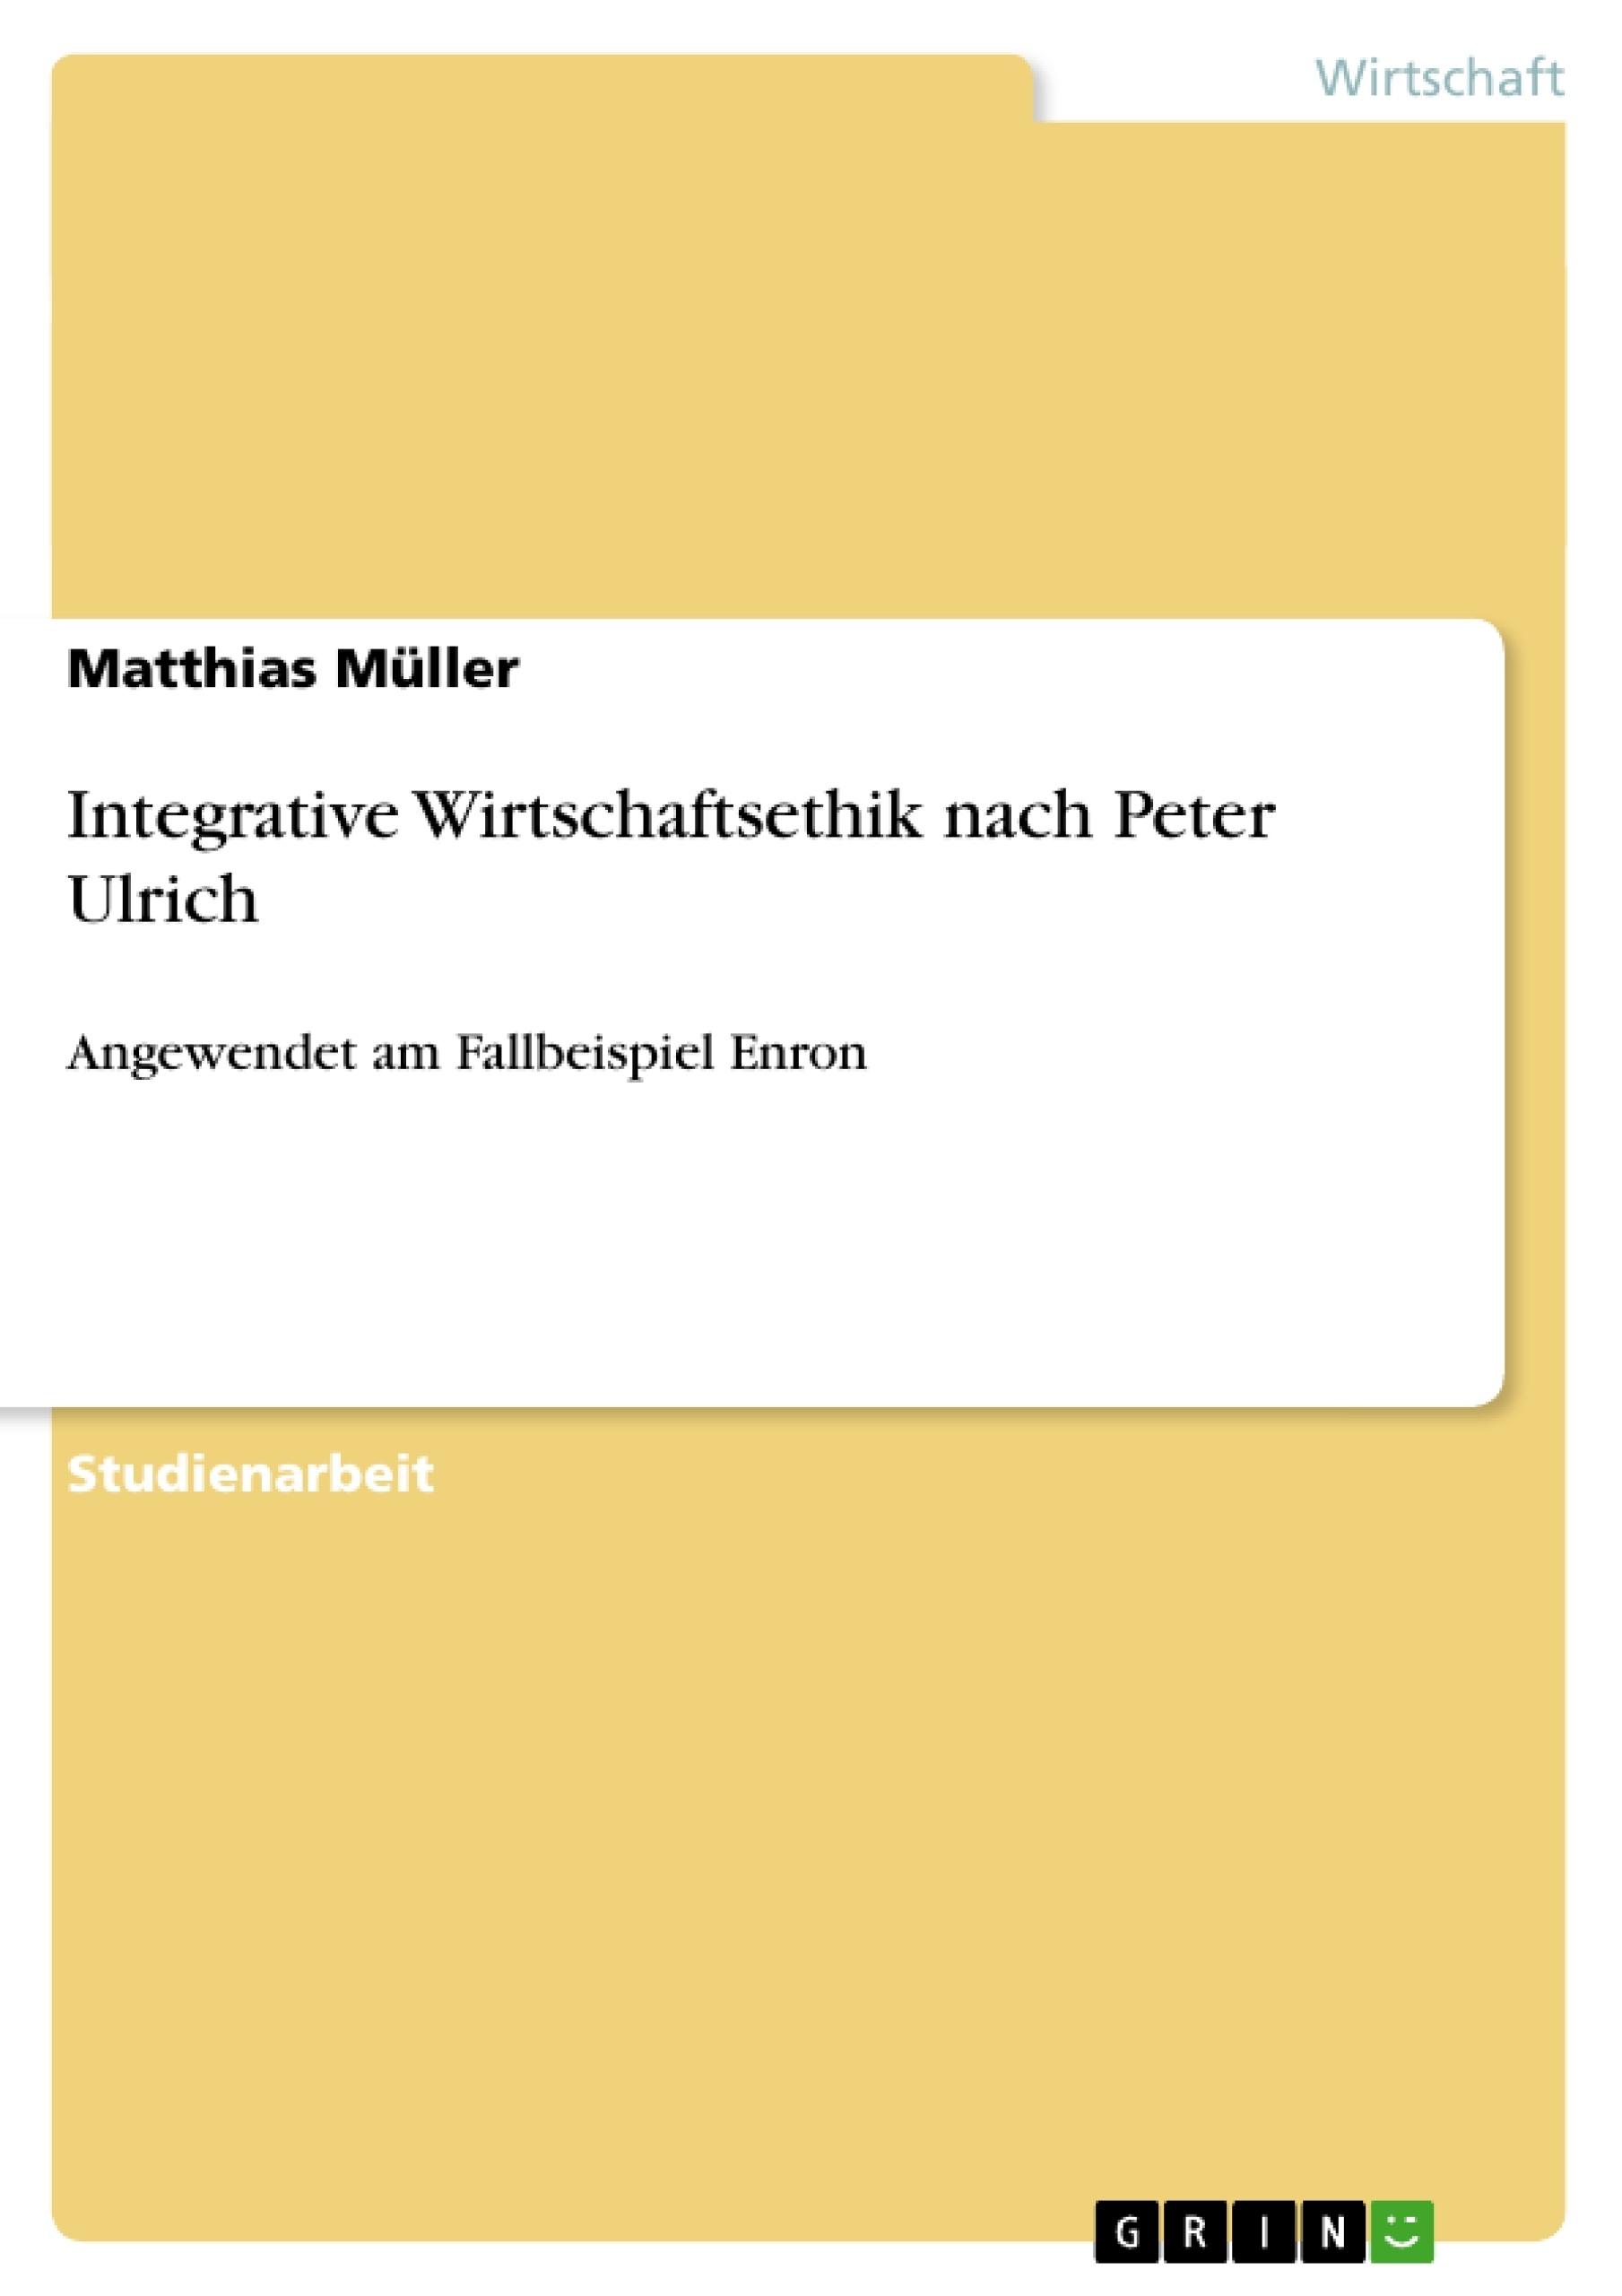 Titel: Integrative Wirtschaftsethik nach Peter Ulrich